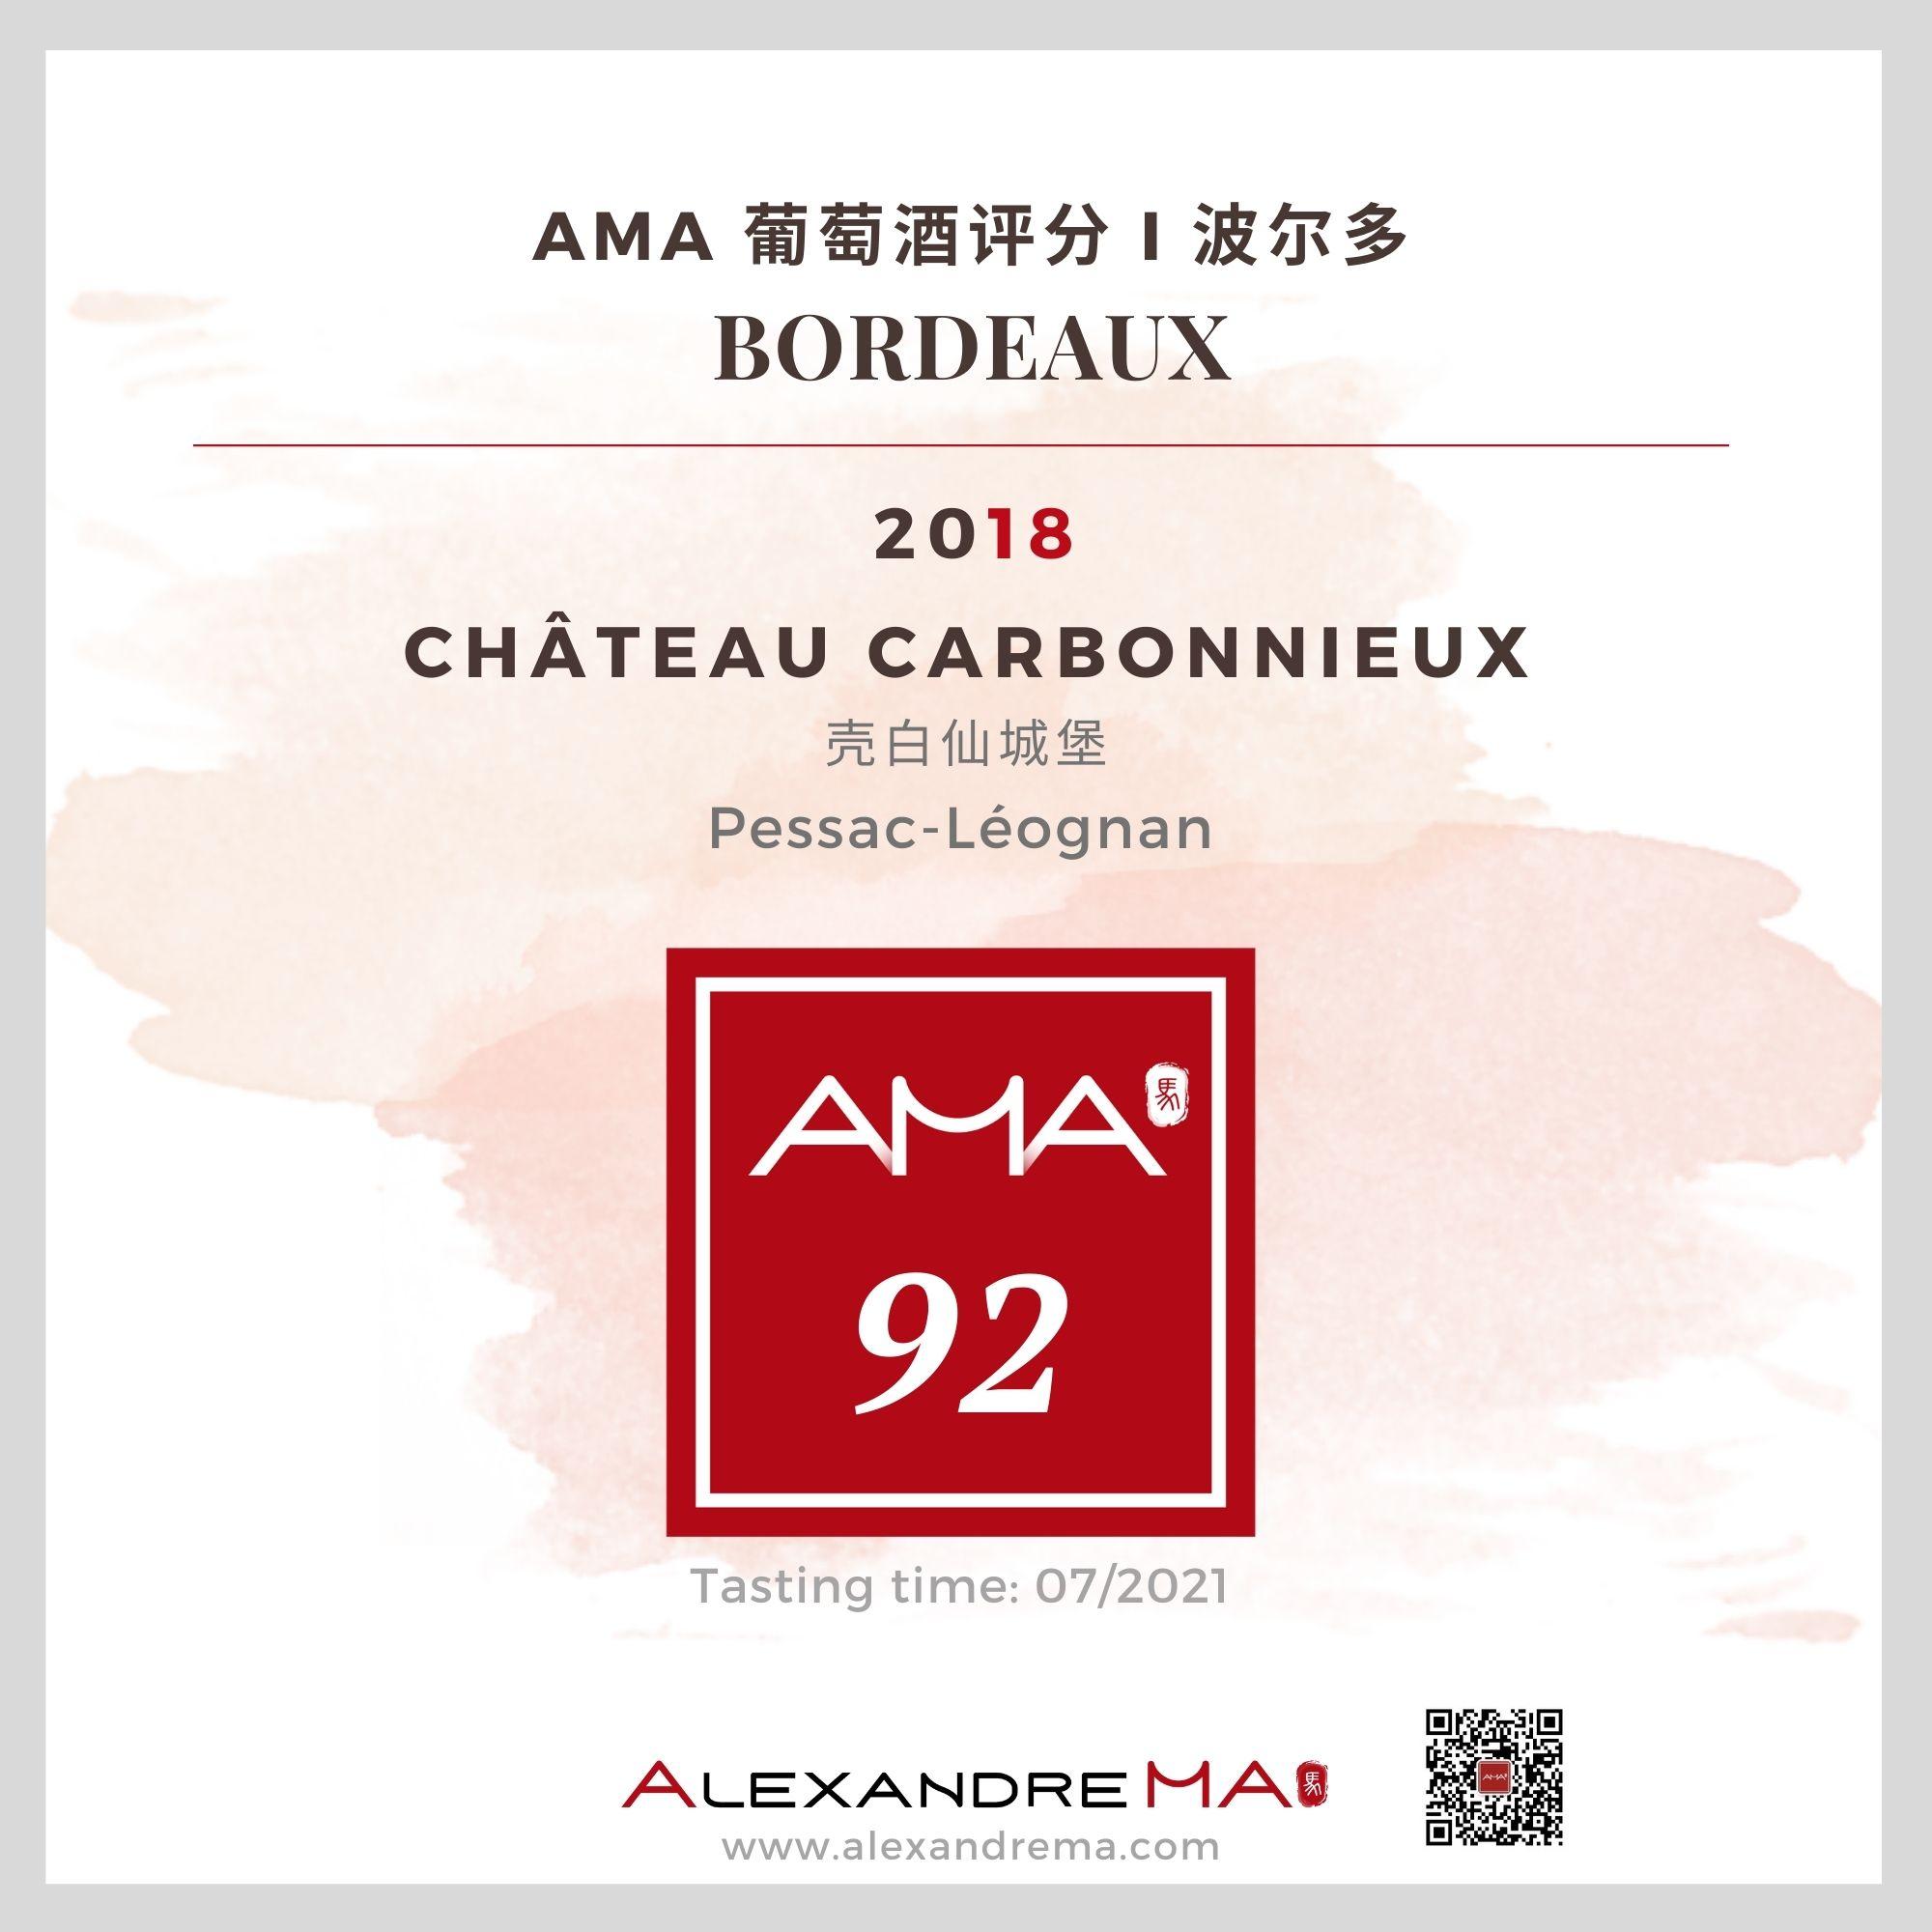 Château Carbonnieux 2018 - Alexandre MA